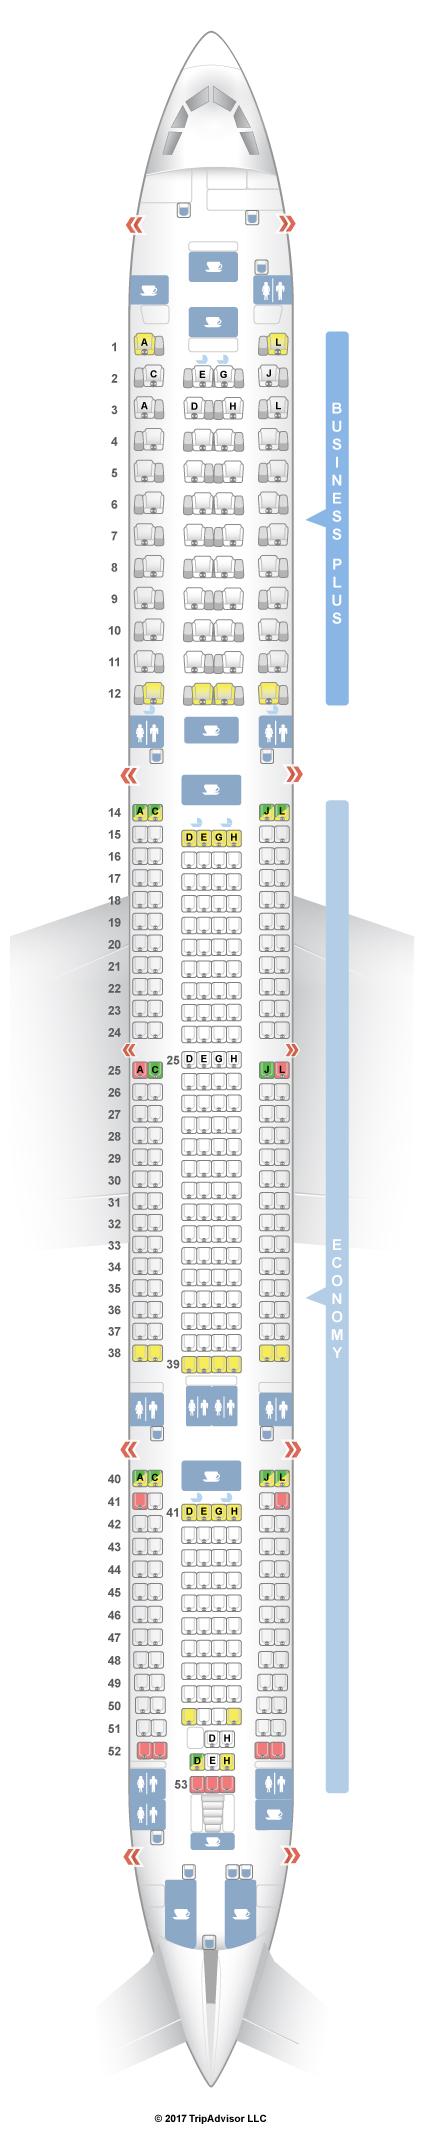 seatguru seat map iberia airbus a340 600 346 v1